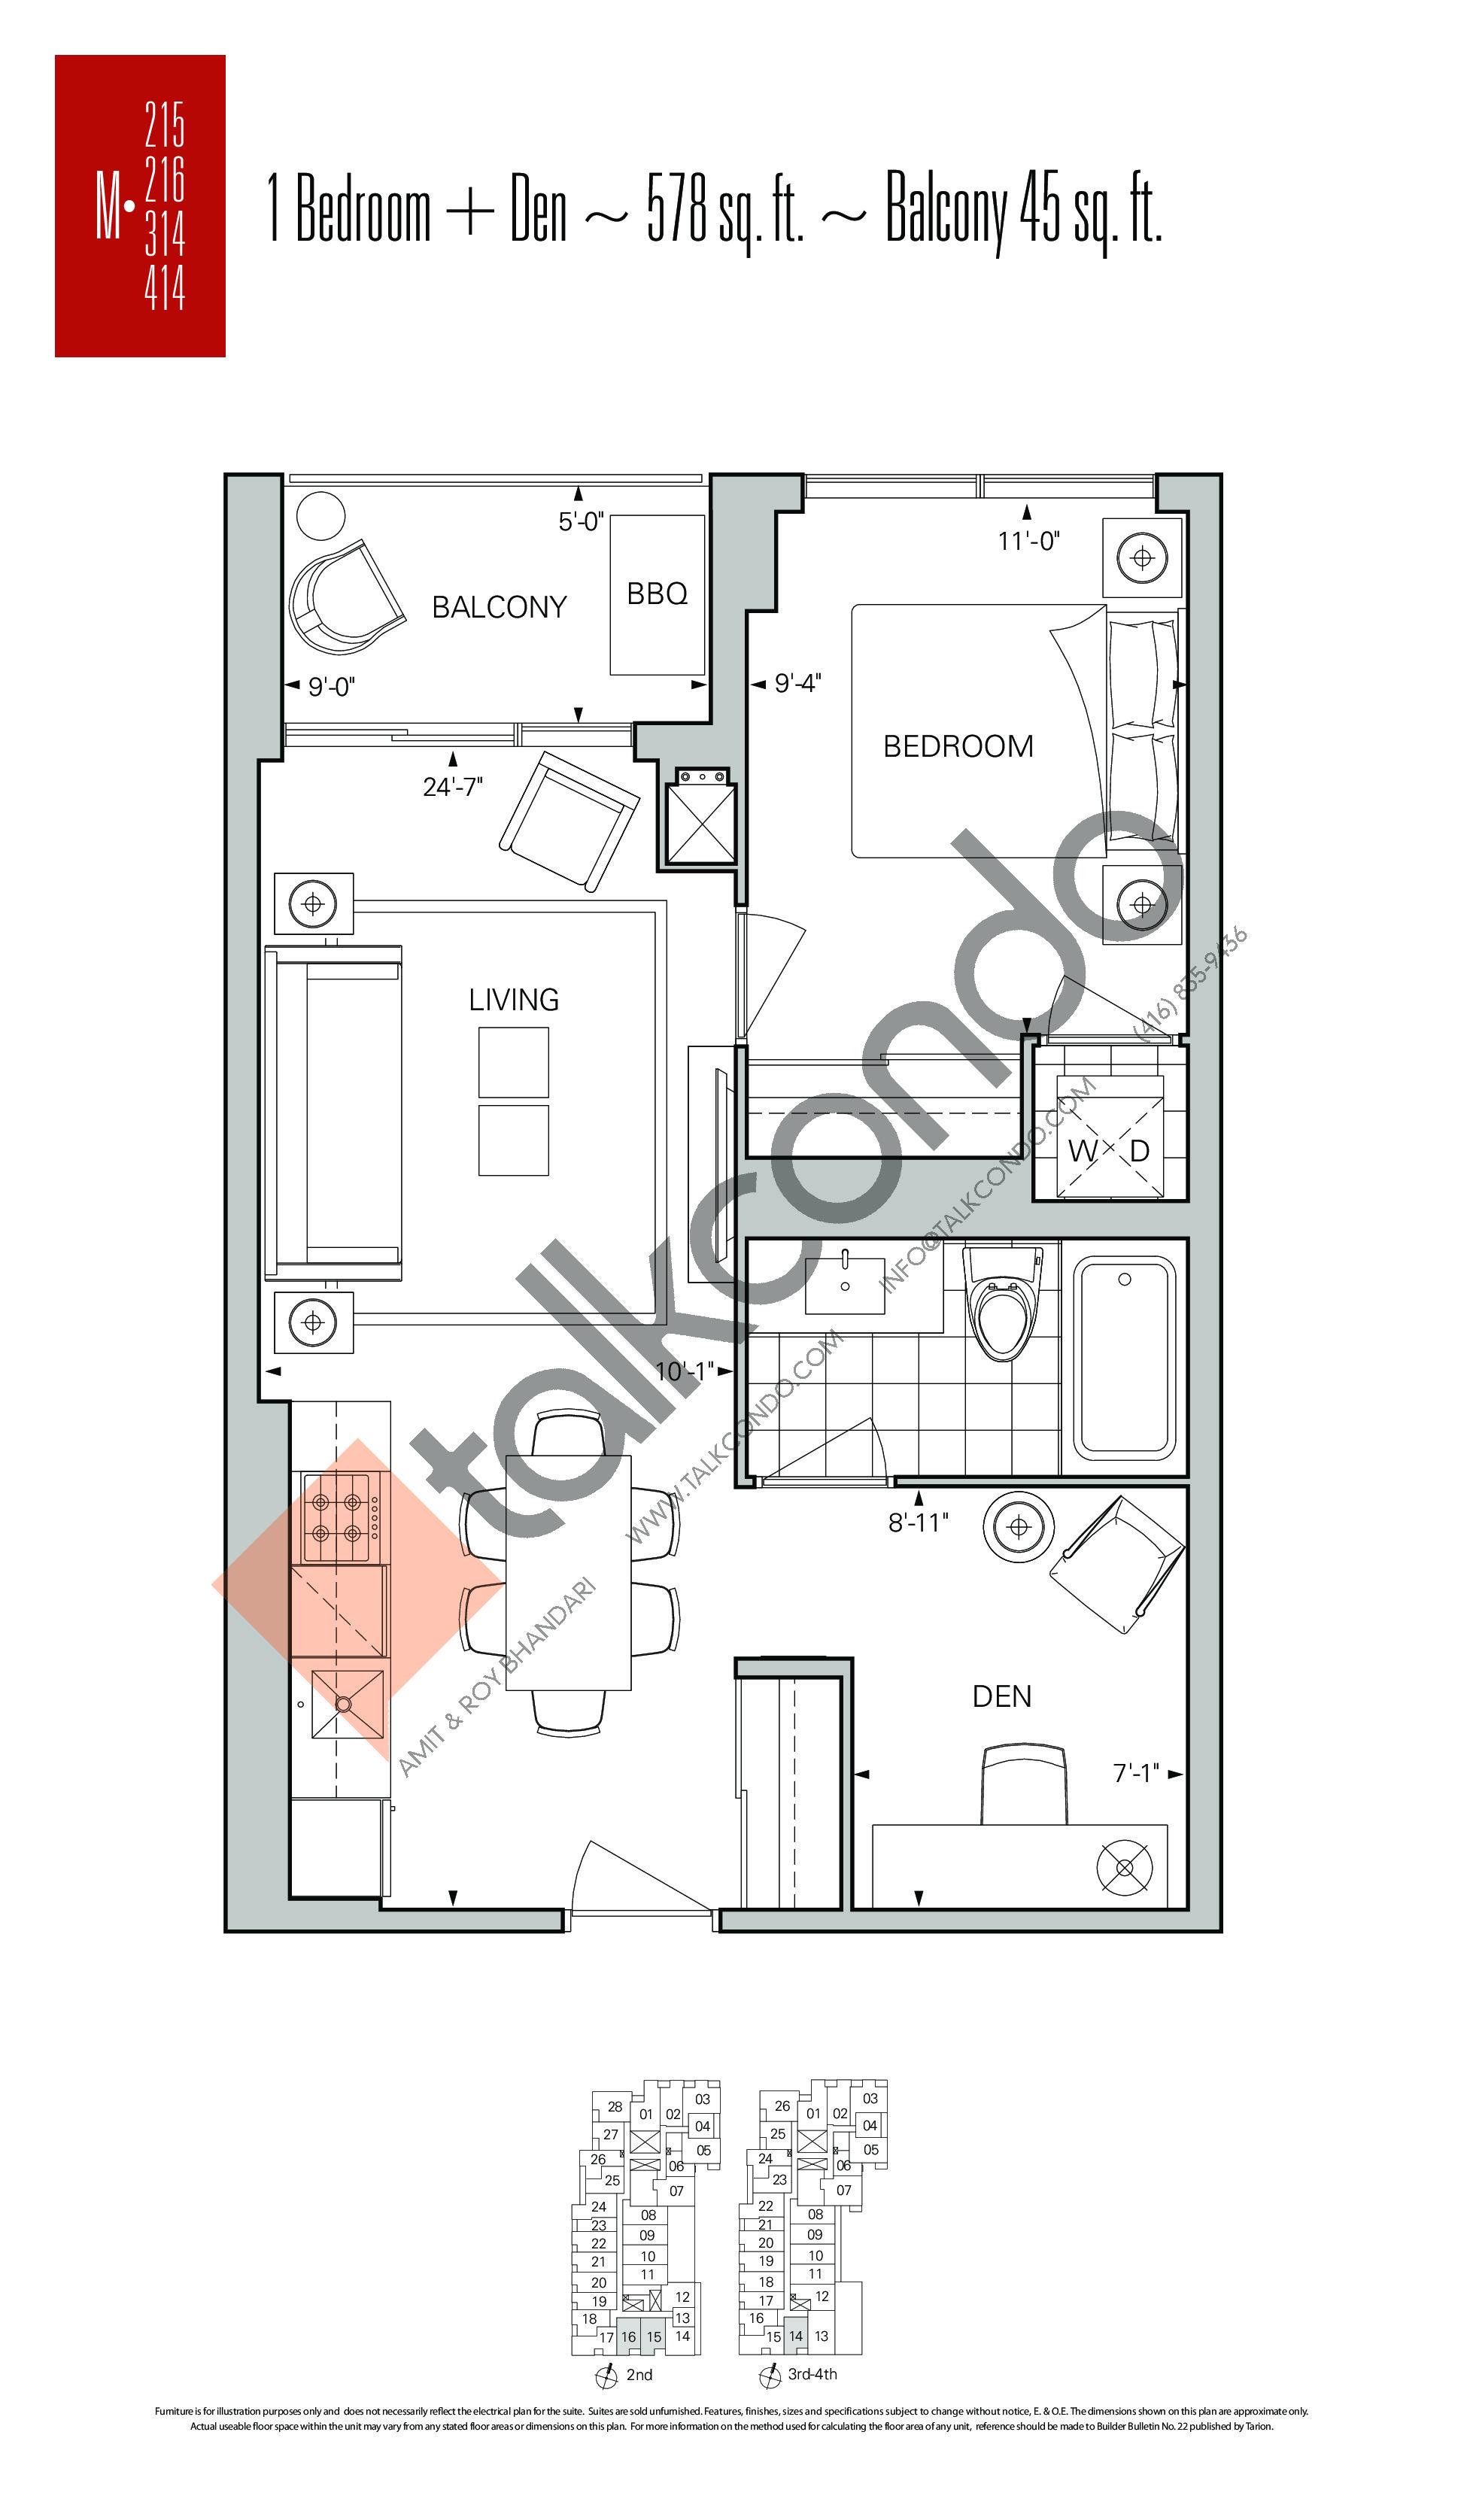 M-215 | M-216 | M-314 | M-414 Floor Plan at Rise Condos - 578 sq.ft